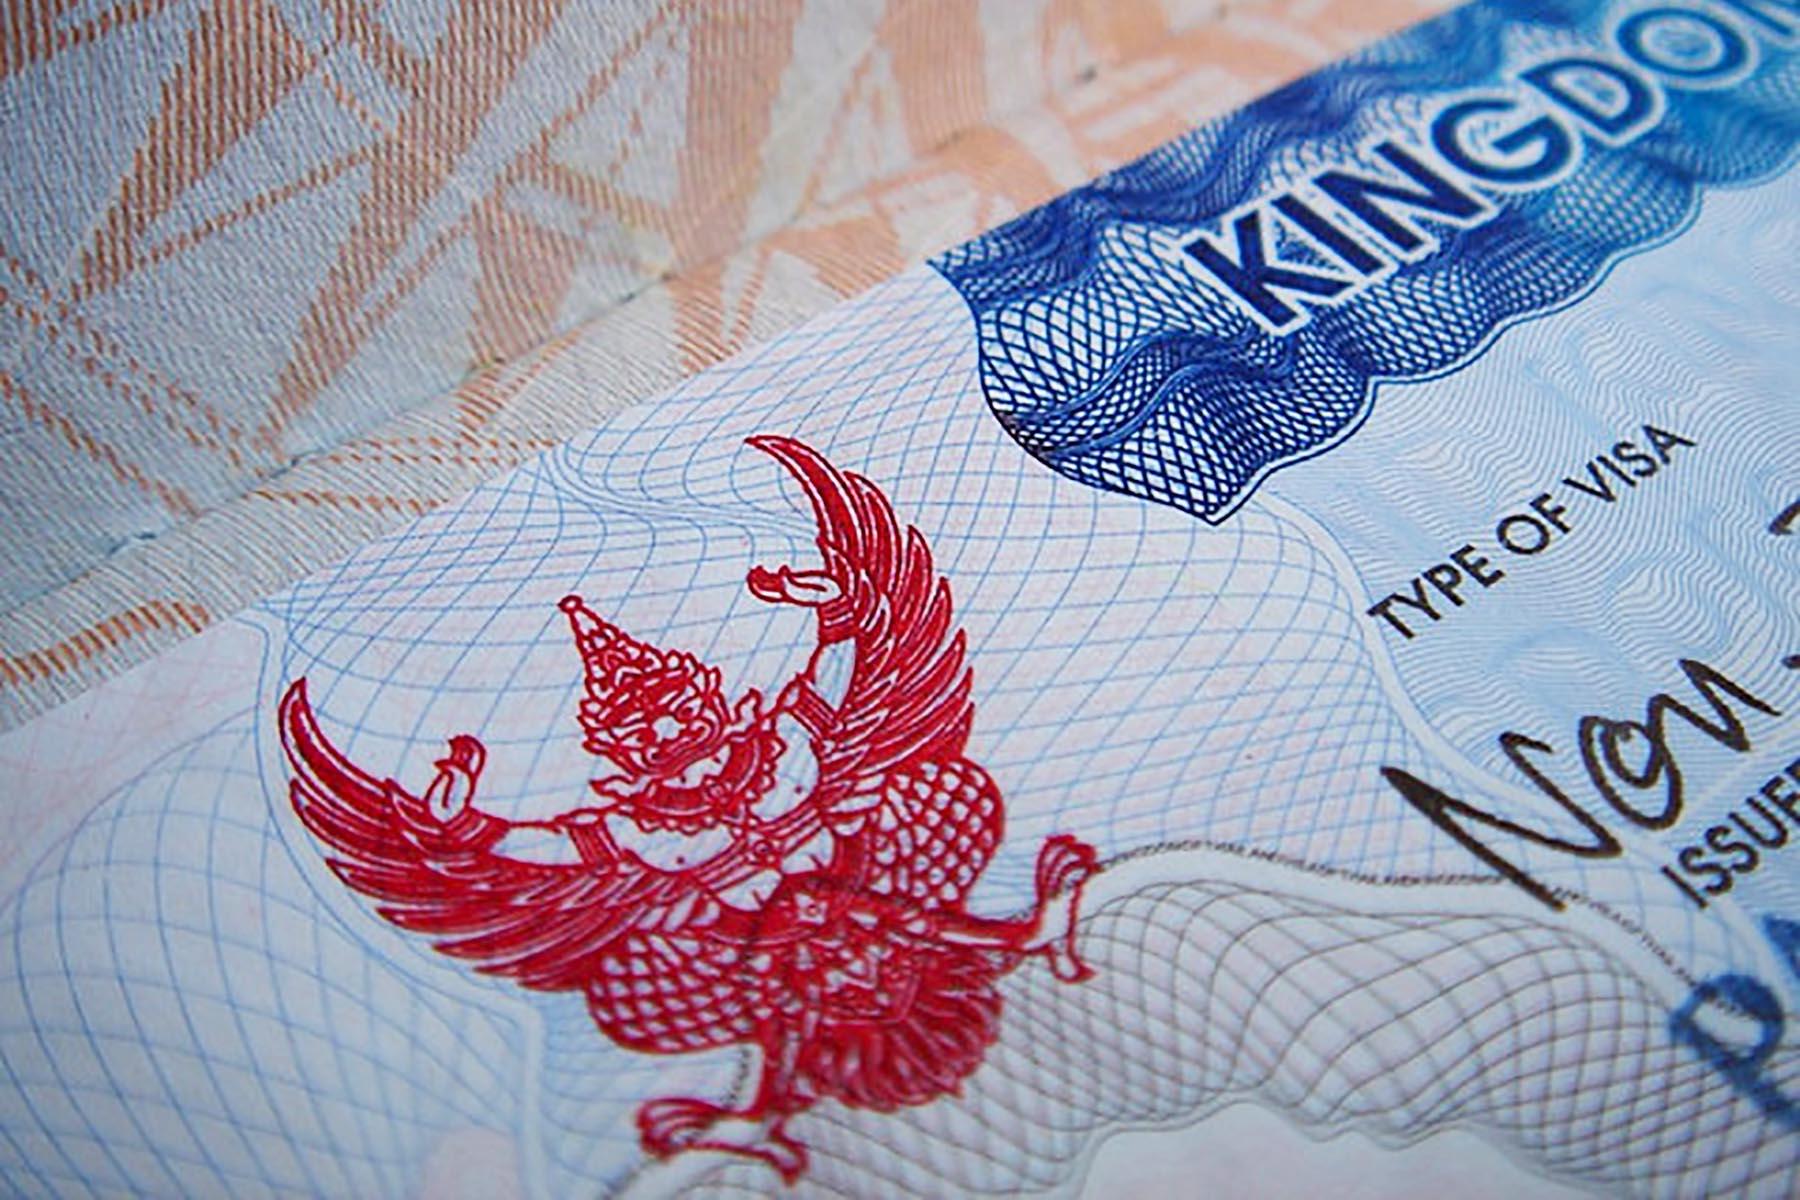 Нужна ли виза в Тайланд для россиян? | Открой свой